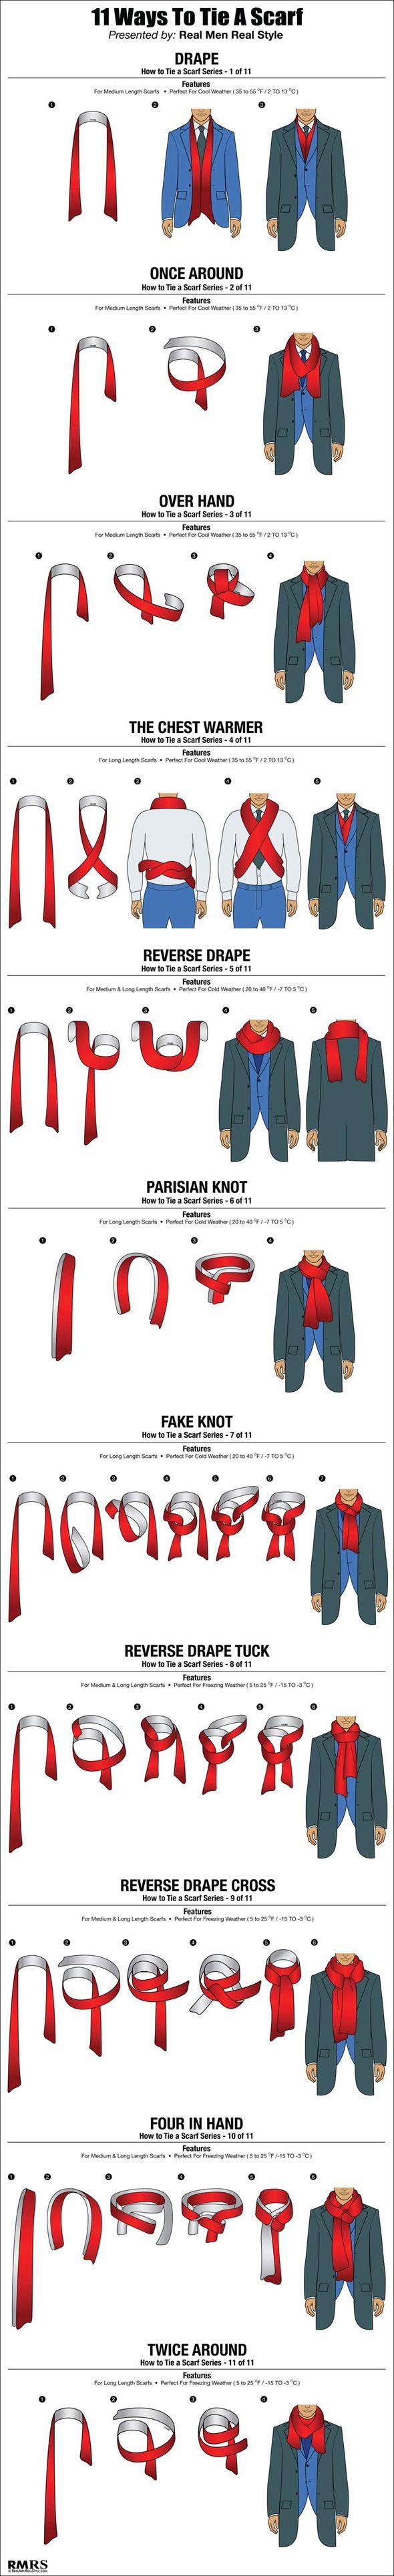 L'écharpe comme d'ailleurs le foulard fait partie de ces incontournables de la garde-robe de Madame, c'est un petit peu comme une deuxième nature - merci Hermès - en revanche pour l'homme «moderne» cela reste malgré tout quelque chose de nouveau sauf peut-être pour les Gentlemen et autres hipste